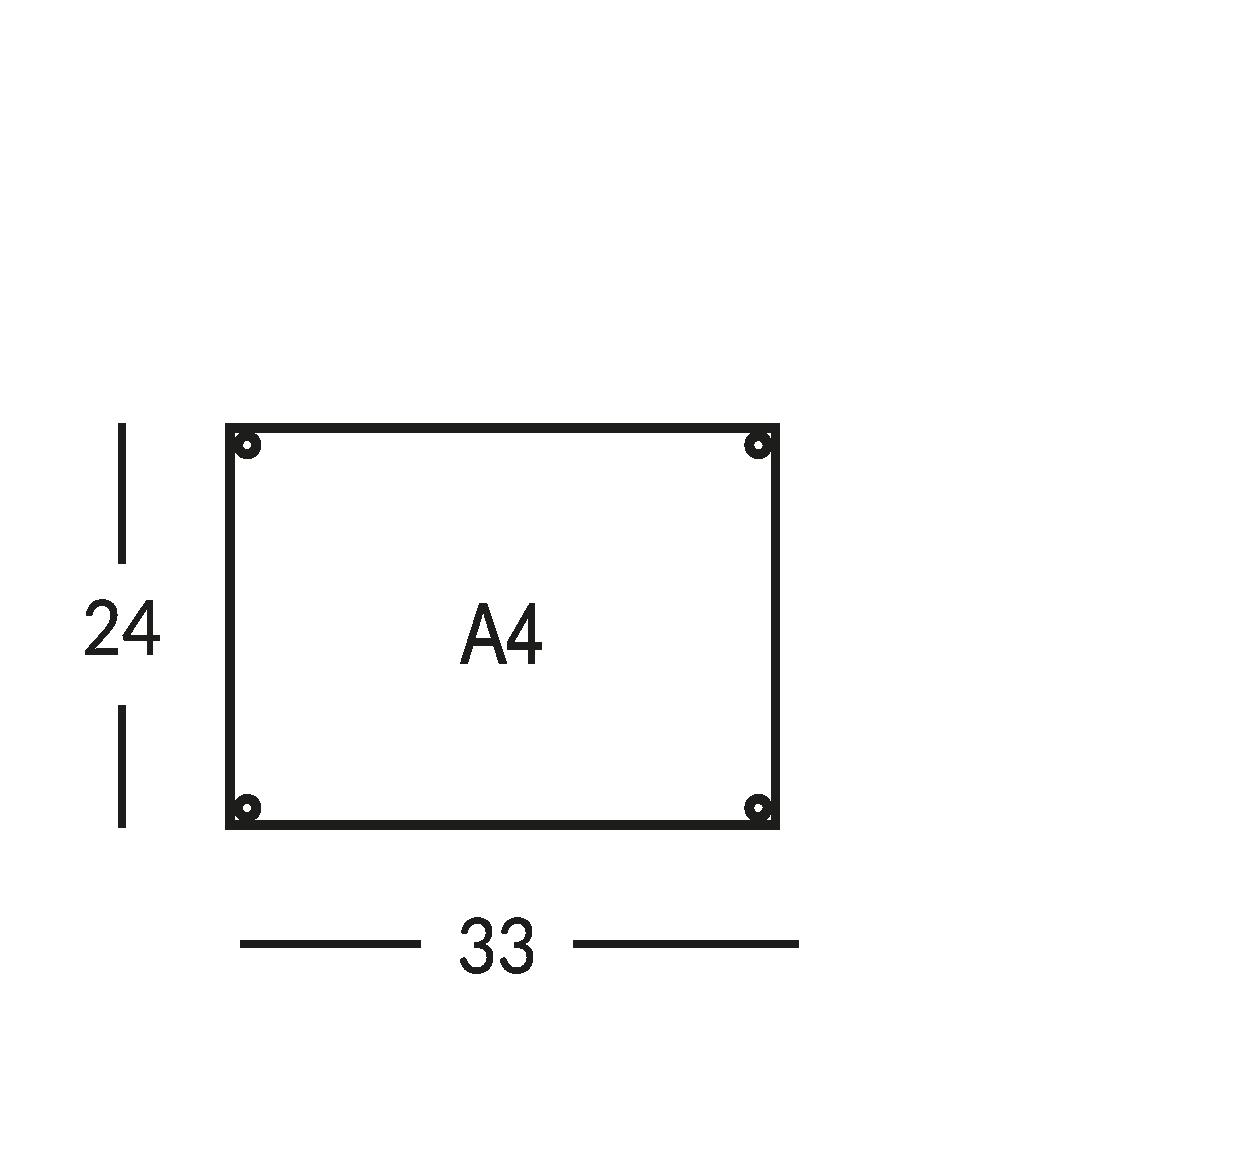 Planimetria di sicurezza, formato A4